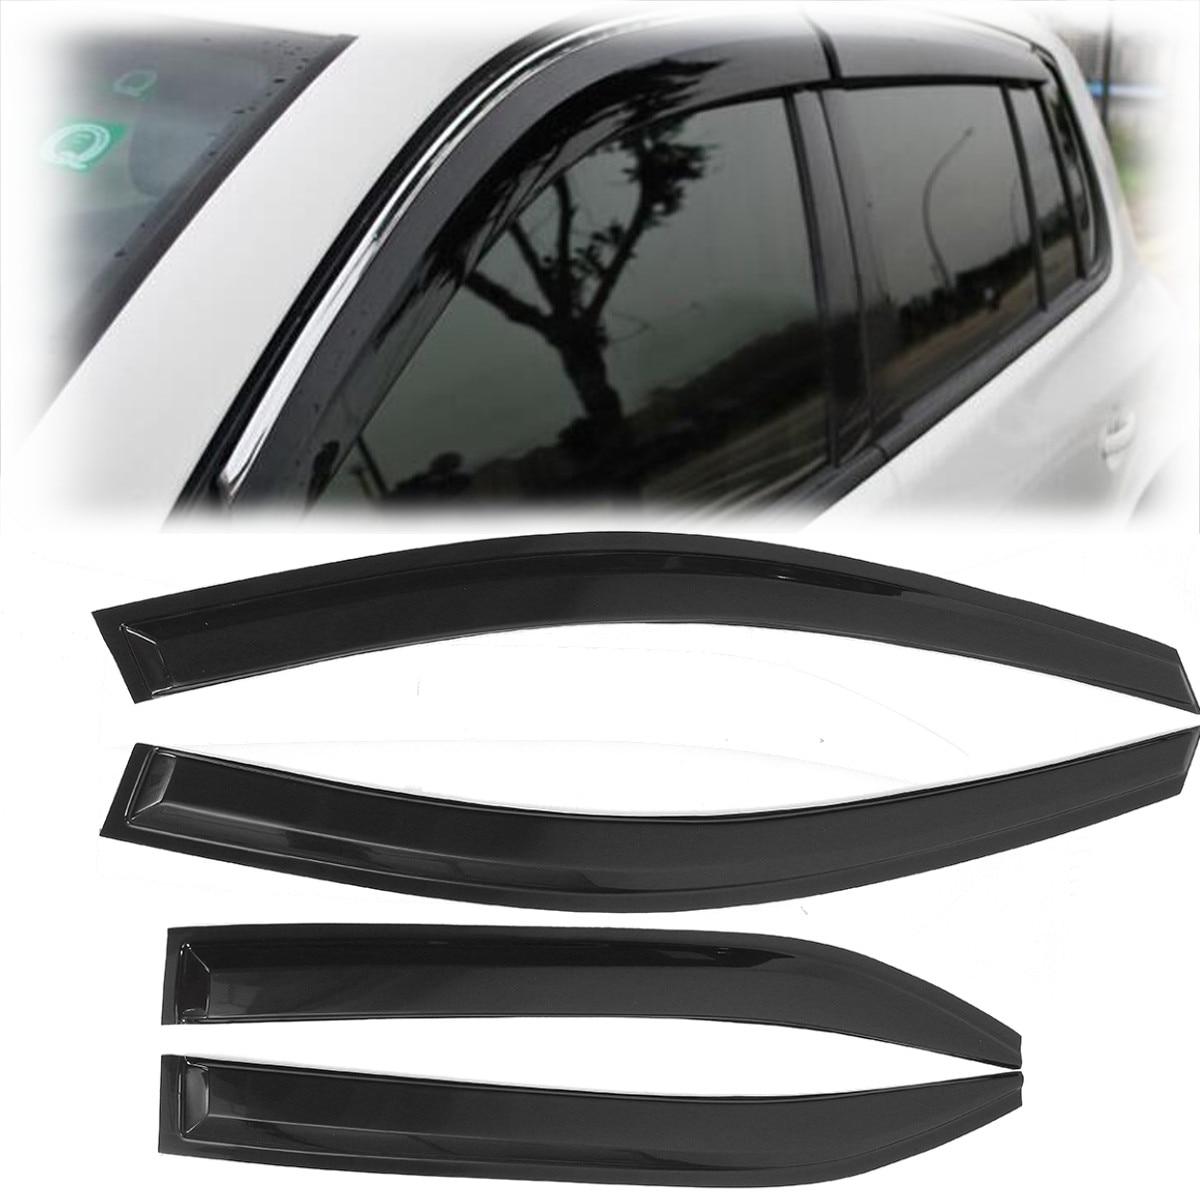 Car Window Visor Rain Guard Sun Visor Vent Shade Wind Deflector For Toyota Camry 2007 2008 2009 2010 2011